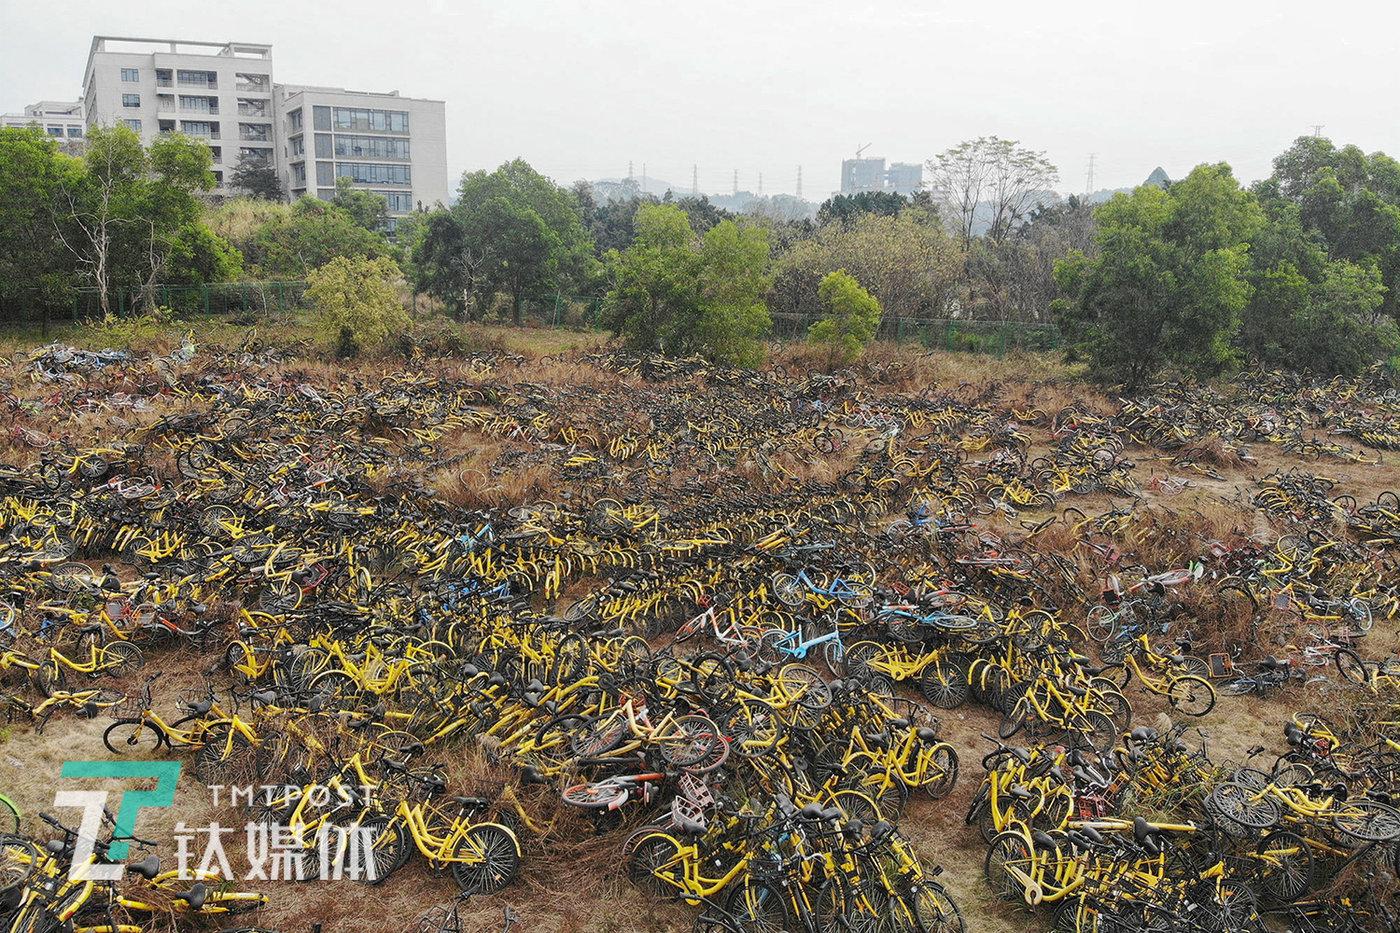 2019年1月31日,广州天河区,一处空地上堆放的共享单车。